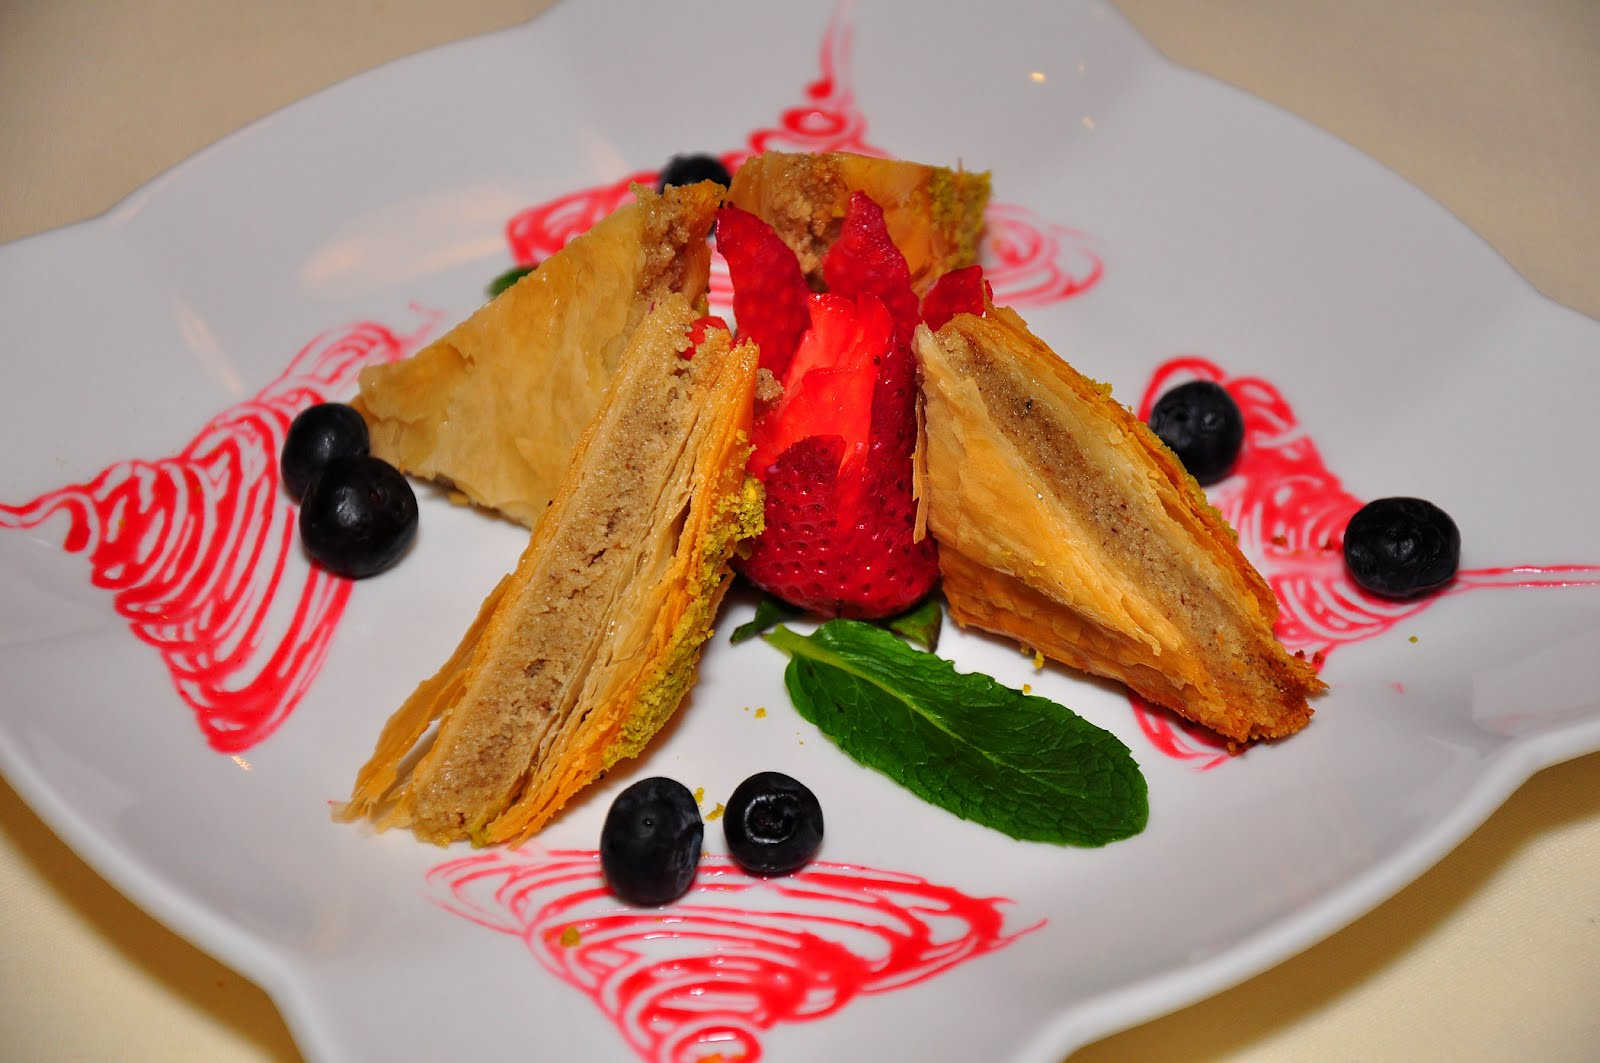 Persian classics shine at arya global cuisine in redwood for Arya global cuisine menu